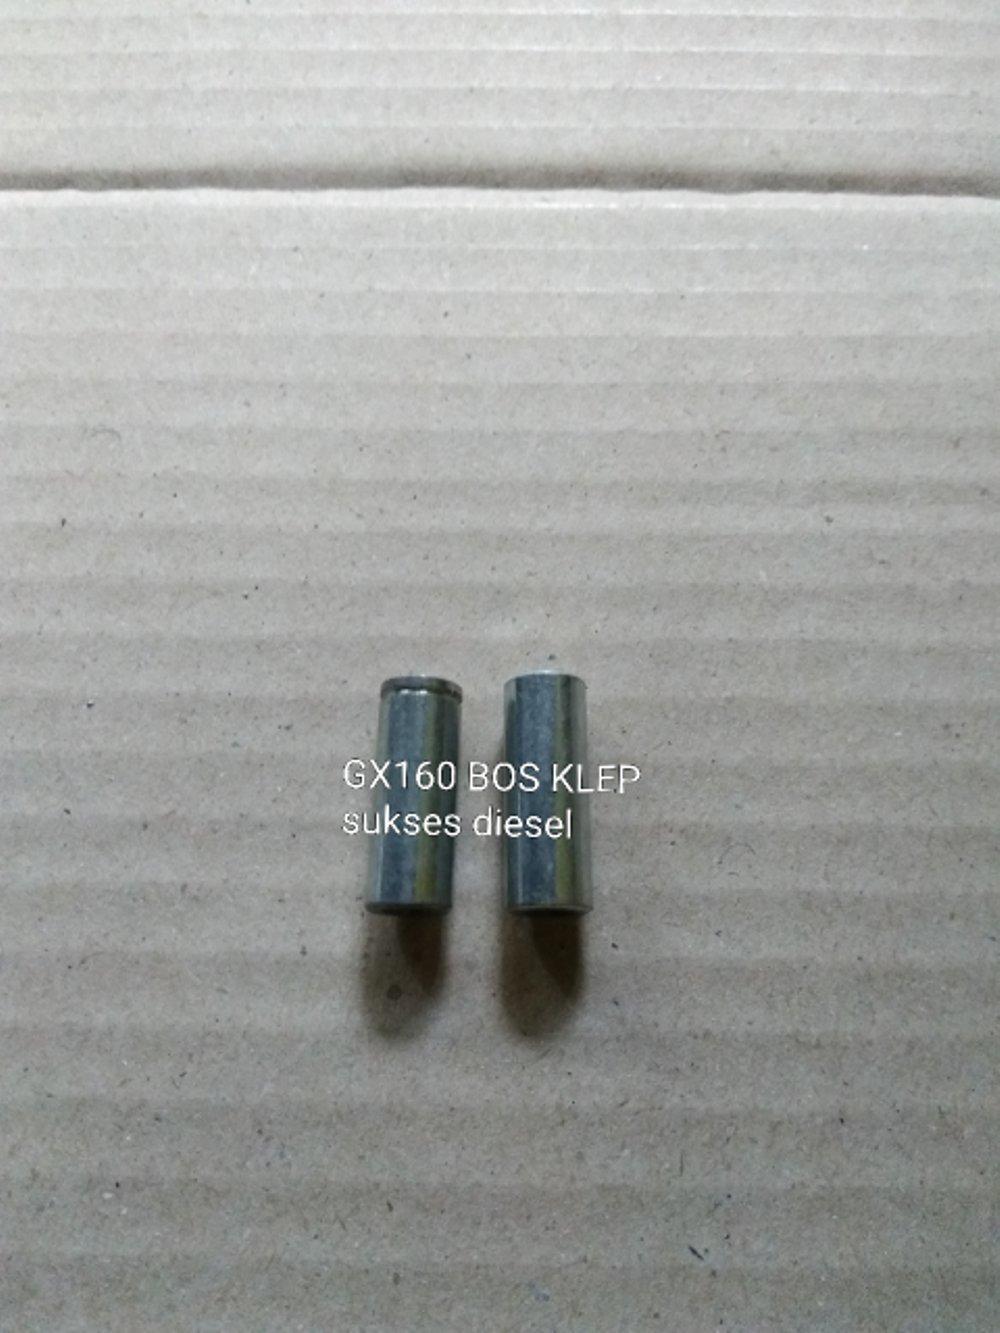 Jual Gx160 200 Botol Murah Garansi Dan Berkualitas Id Store Karburator Mesin Penggerak Kw Rp 15000